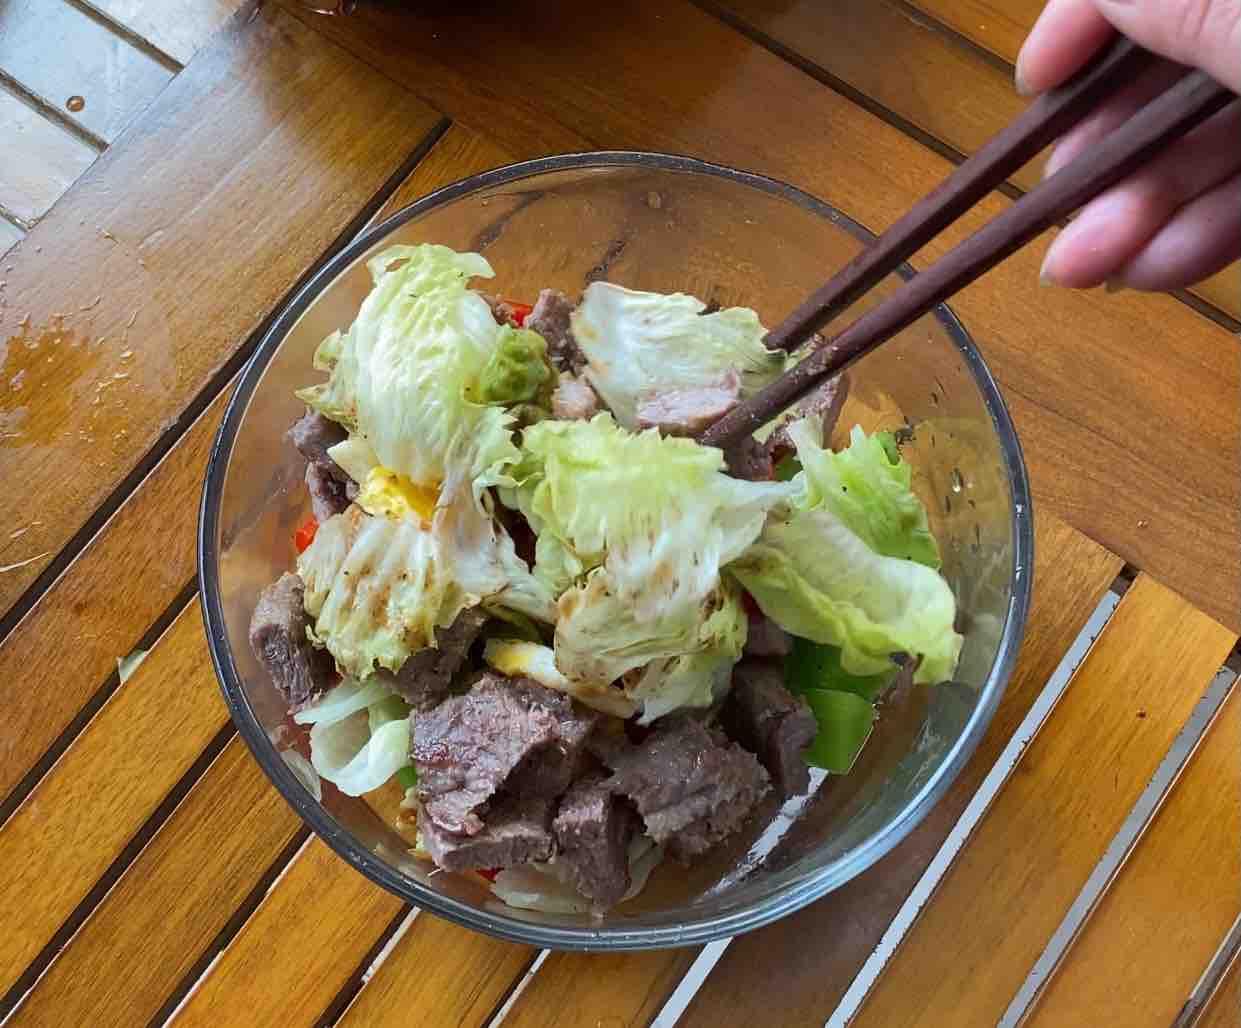 牛肉蔬菜沙拉的步骤